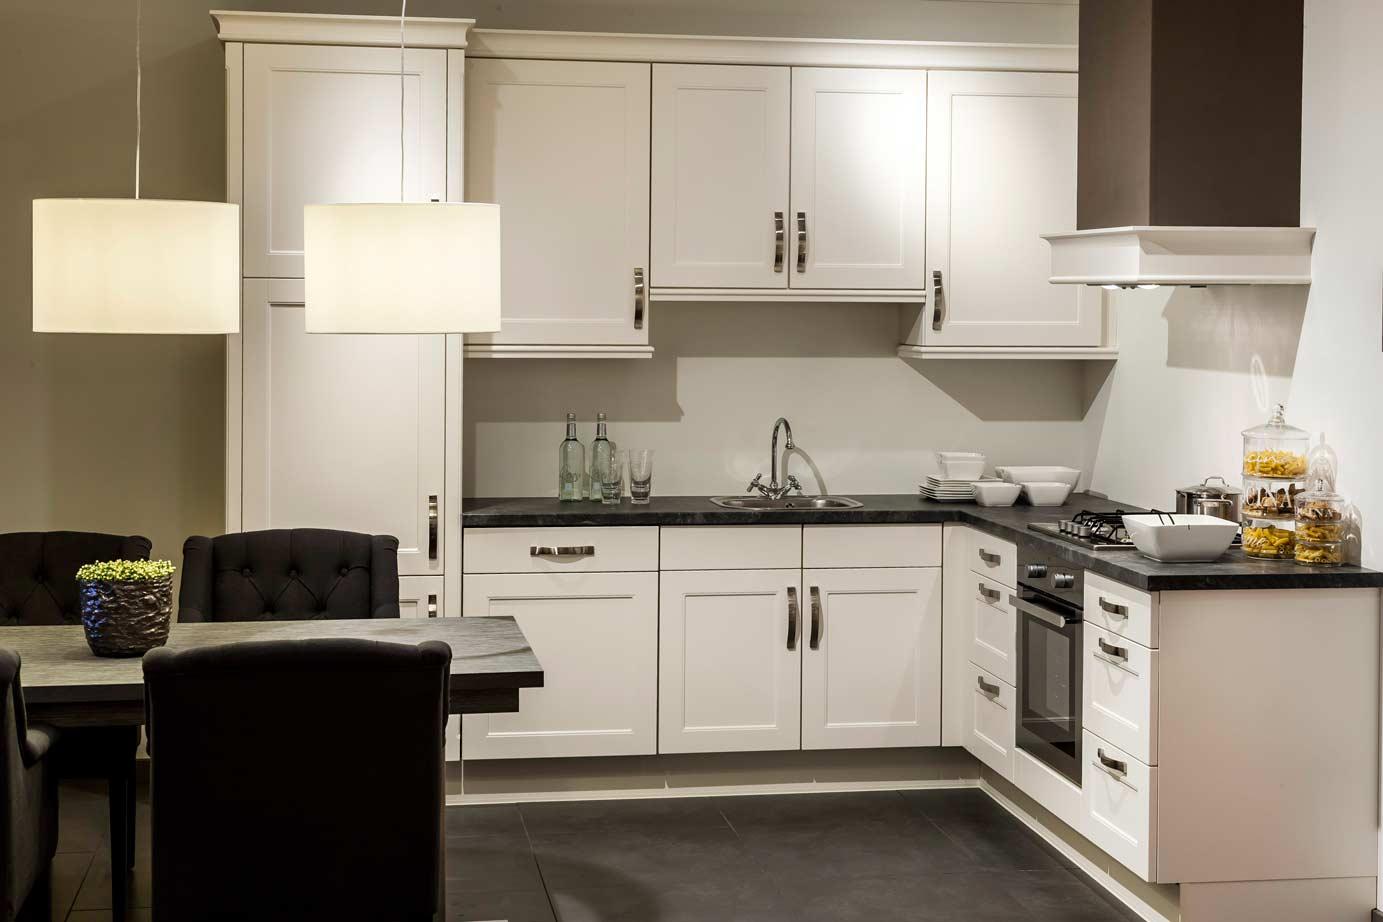 Jaren 50 Keuken : Showroomkeukens in prijs verlaagd korting tot pelma